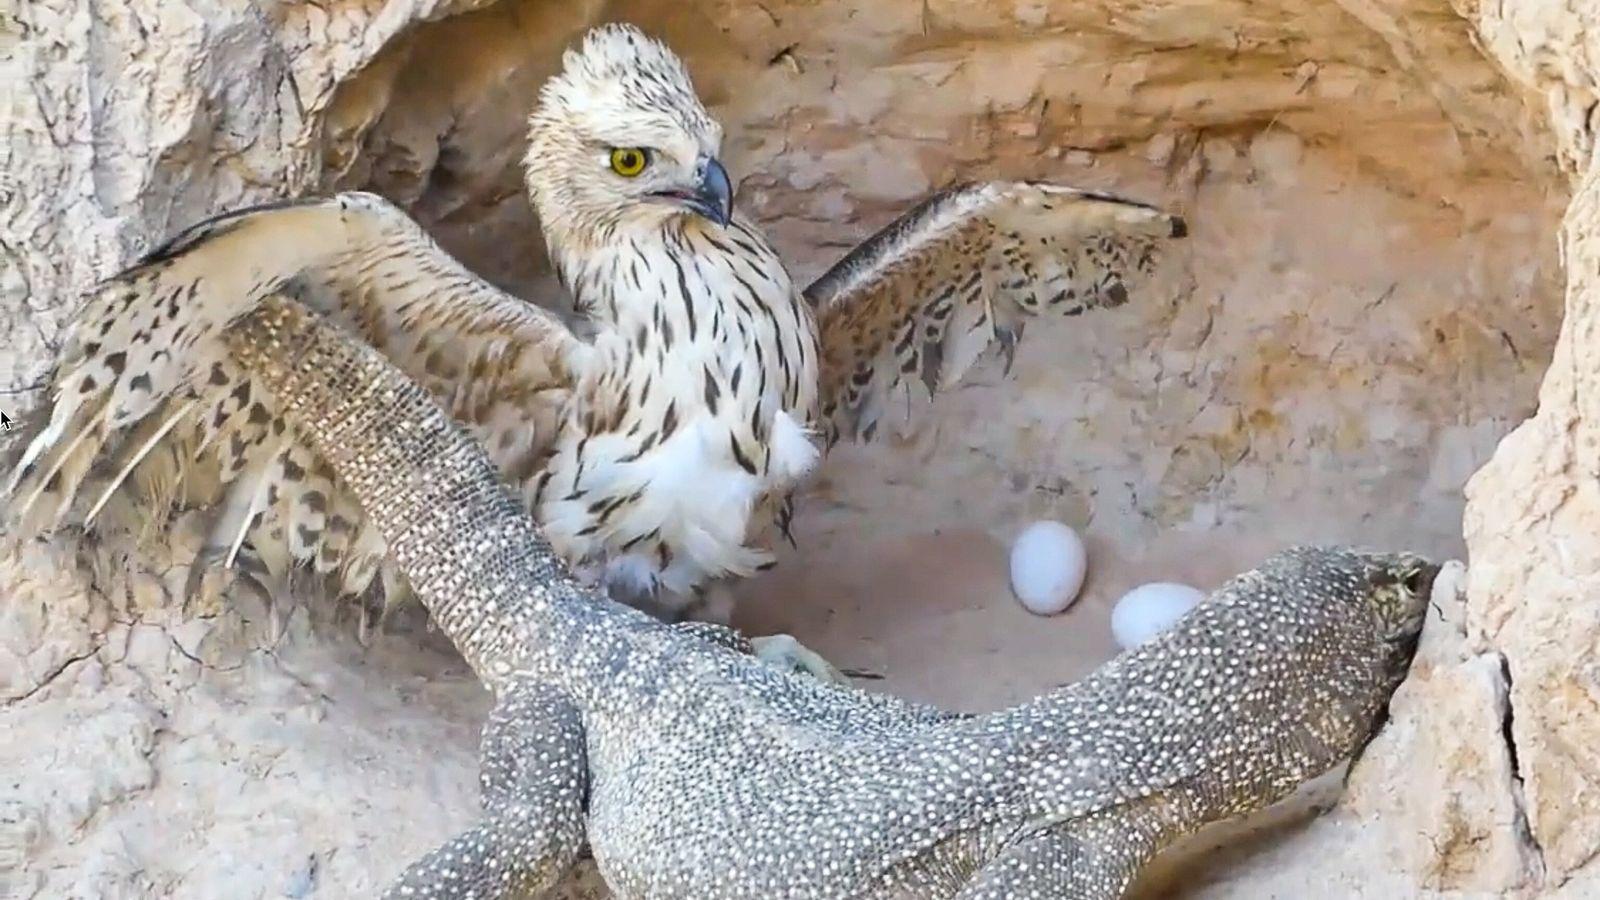 Adler gehören zu den Tieren, die in den gestellten Rettungsvideos oft als Angreifer dargestellt werden.